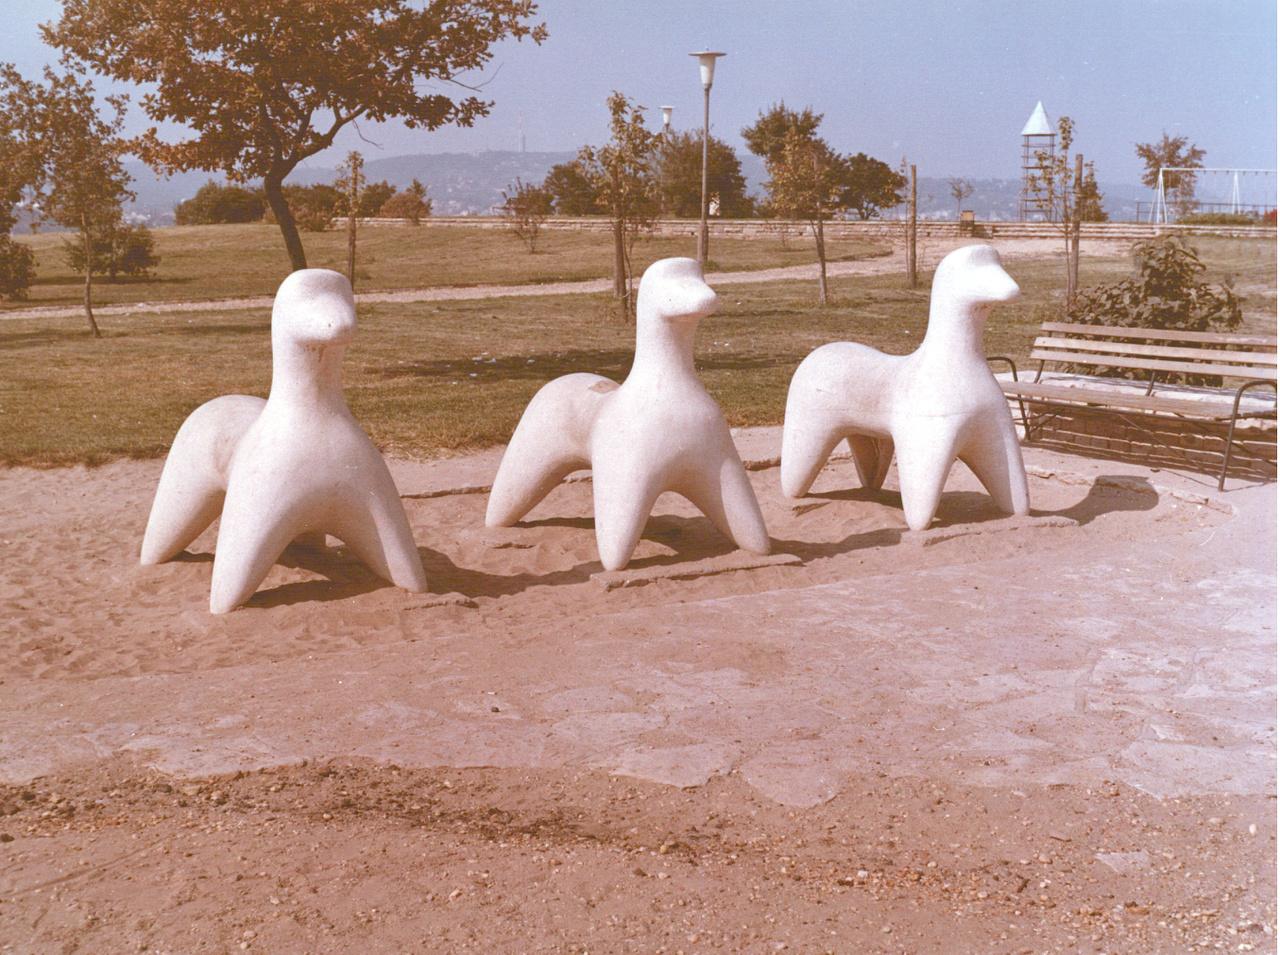 Átadás előtt a Kőcsikók a Gellért-hegyen. Legalábbis a legtöbben ilyen néven emelgetik a három szobrot, de vannak tájépítészek, akik Kőkutyáknak hívják. Barta Lajos 1965-ös alkotásának eredeti neve amúgy Lovacskák, de tulajdonképpen mindegy is, hogyan nevezzük őket. A lényeg, hogy igazi szeretni és megmászni való bucibaba állatok.